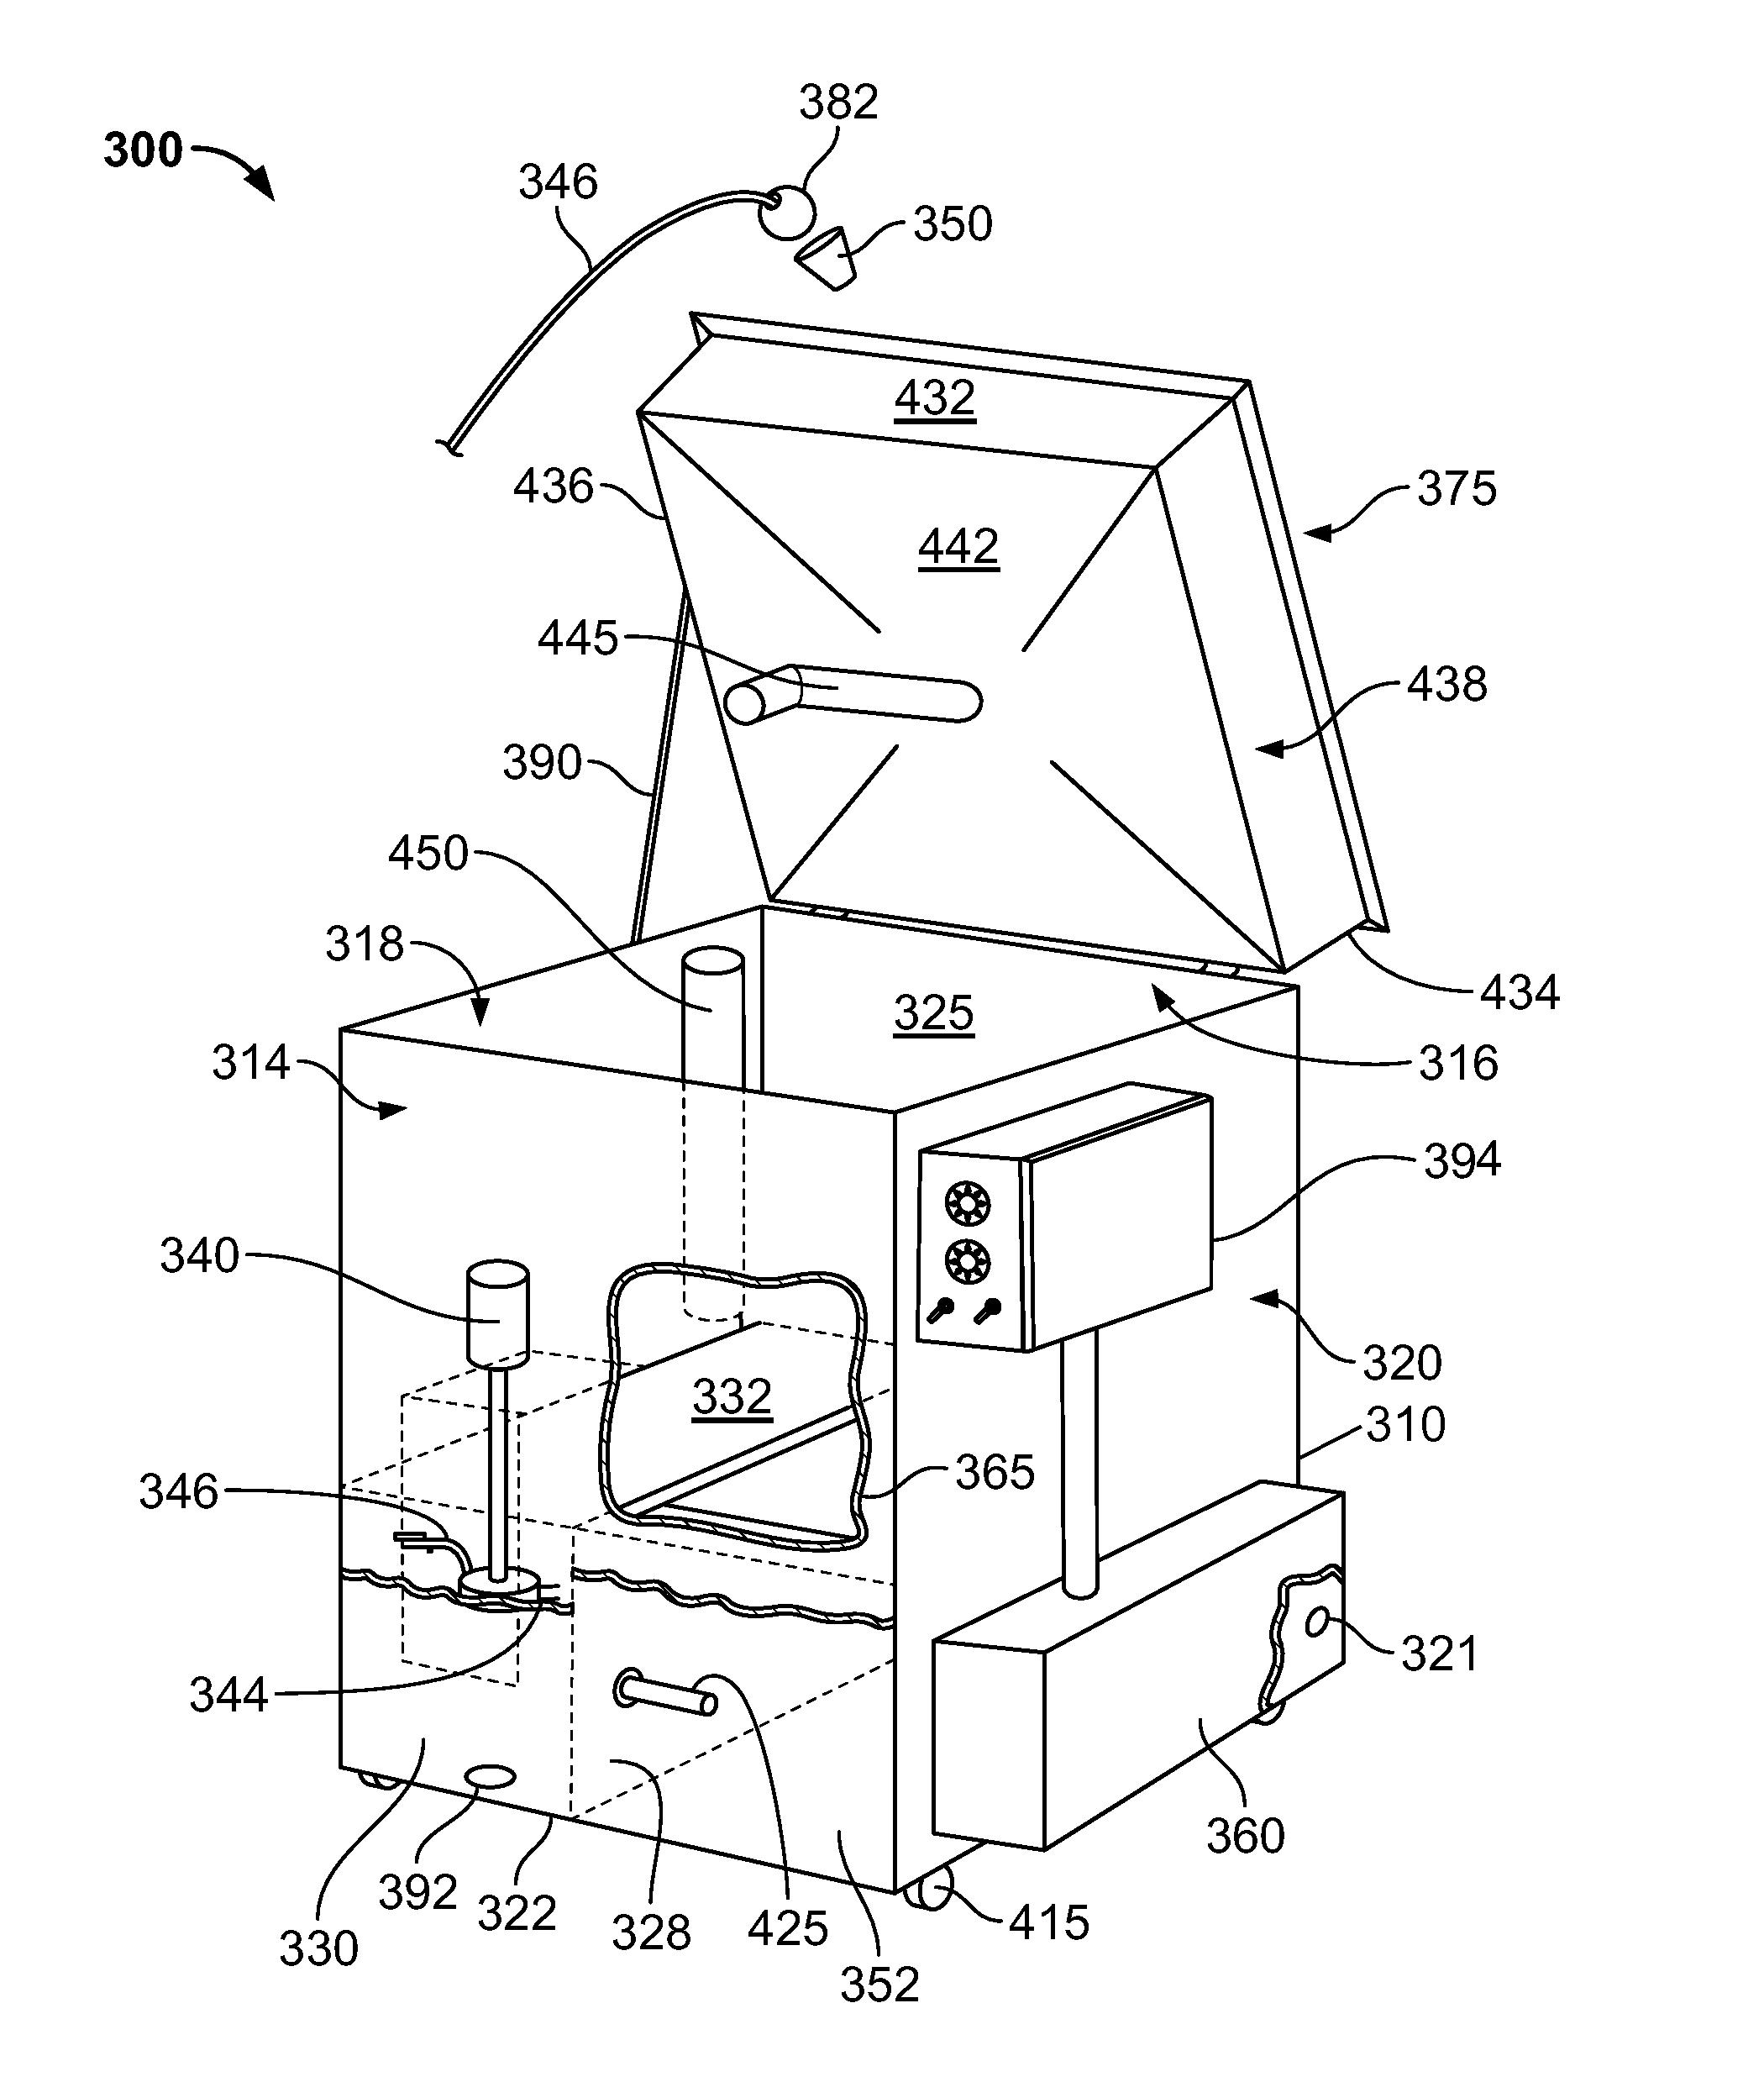 1994 Ge Filter Flo Washer Motor Wiring Diagram : 46 Wiring